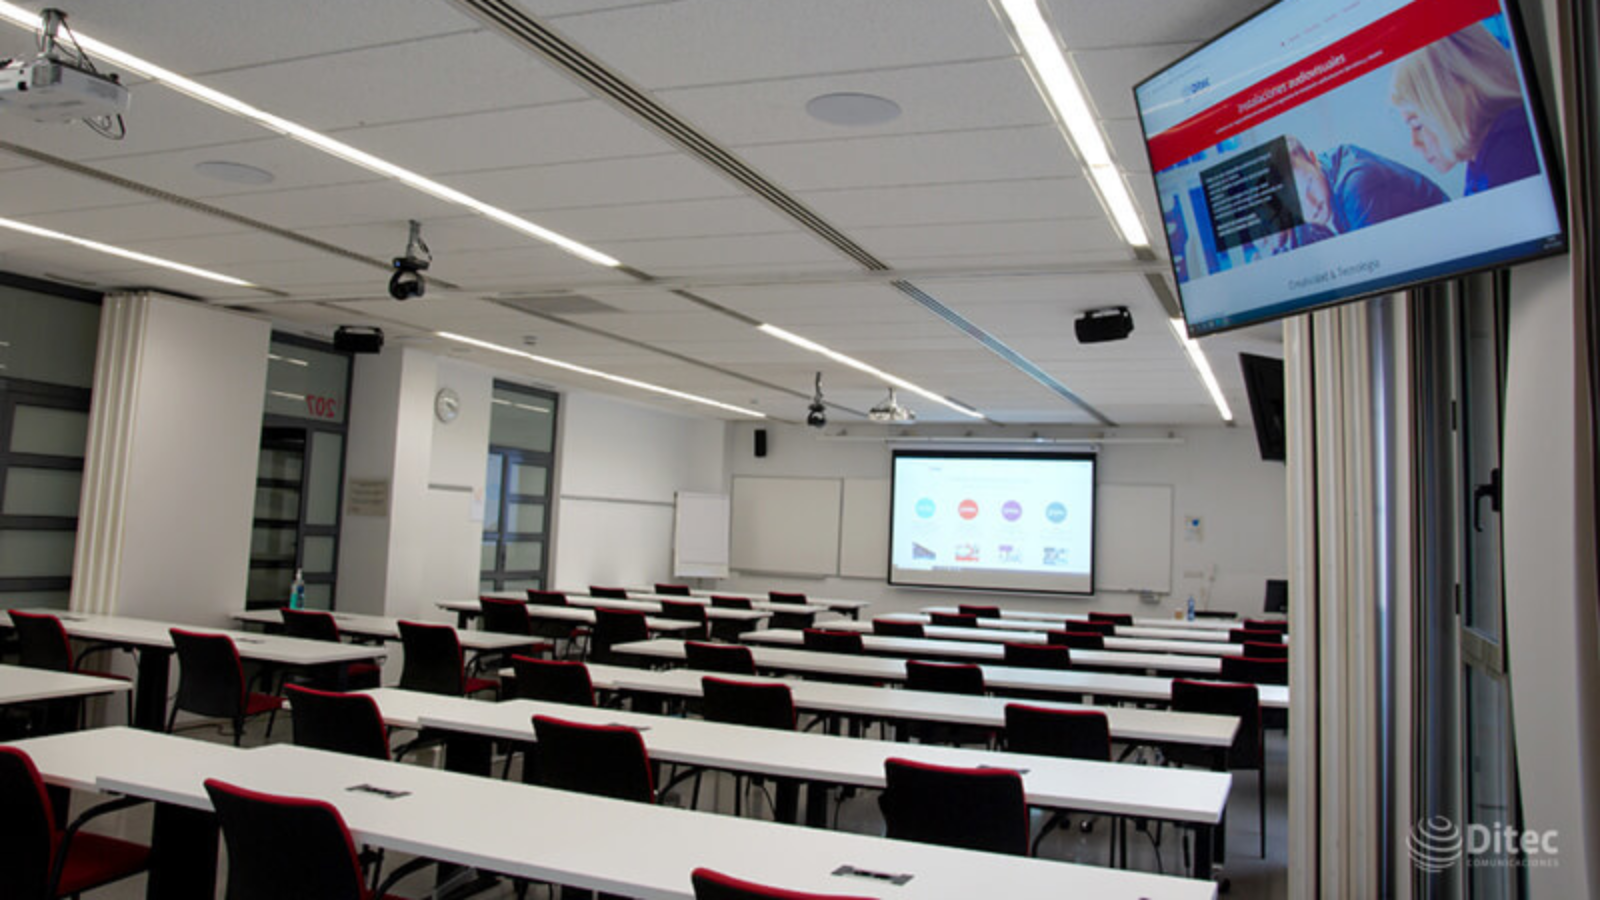 Das Microflex Ecosystem liefert hochwertige Audioqualität für hybrides Lernen an der UPF